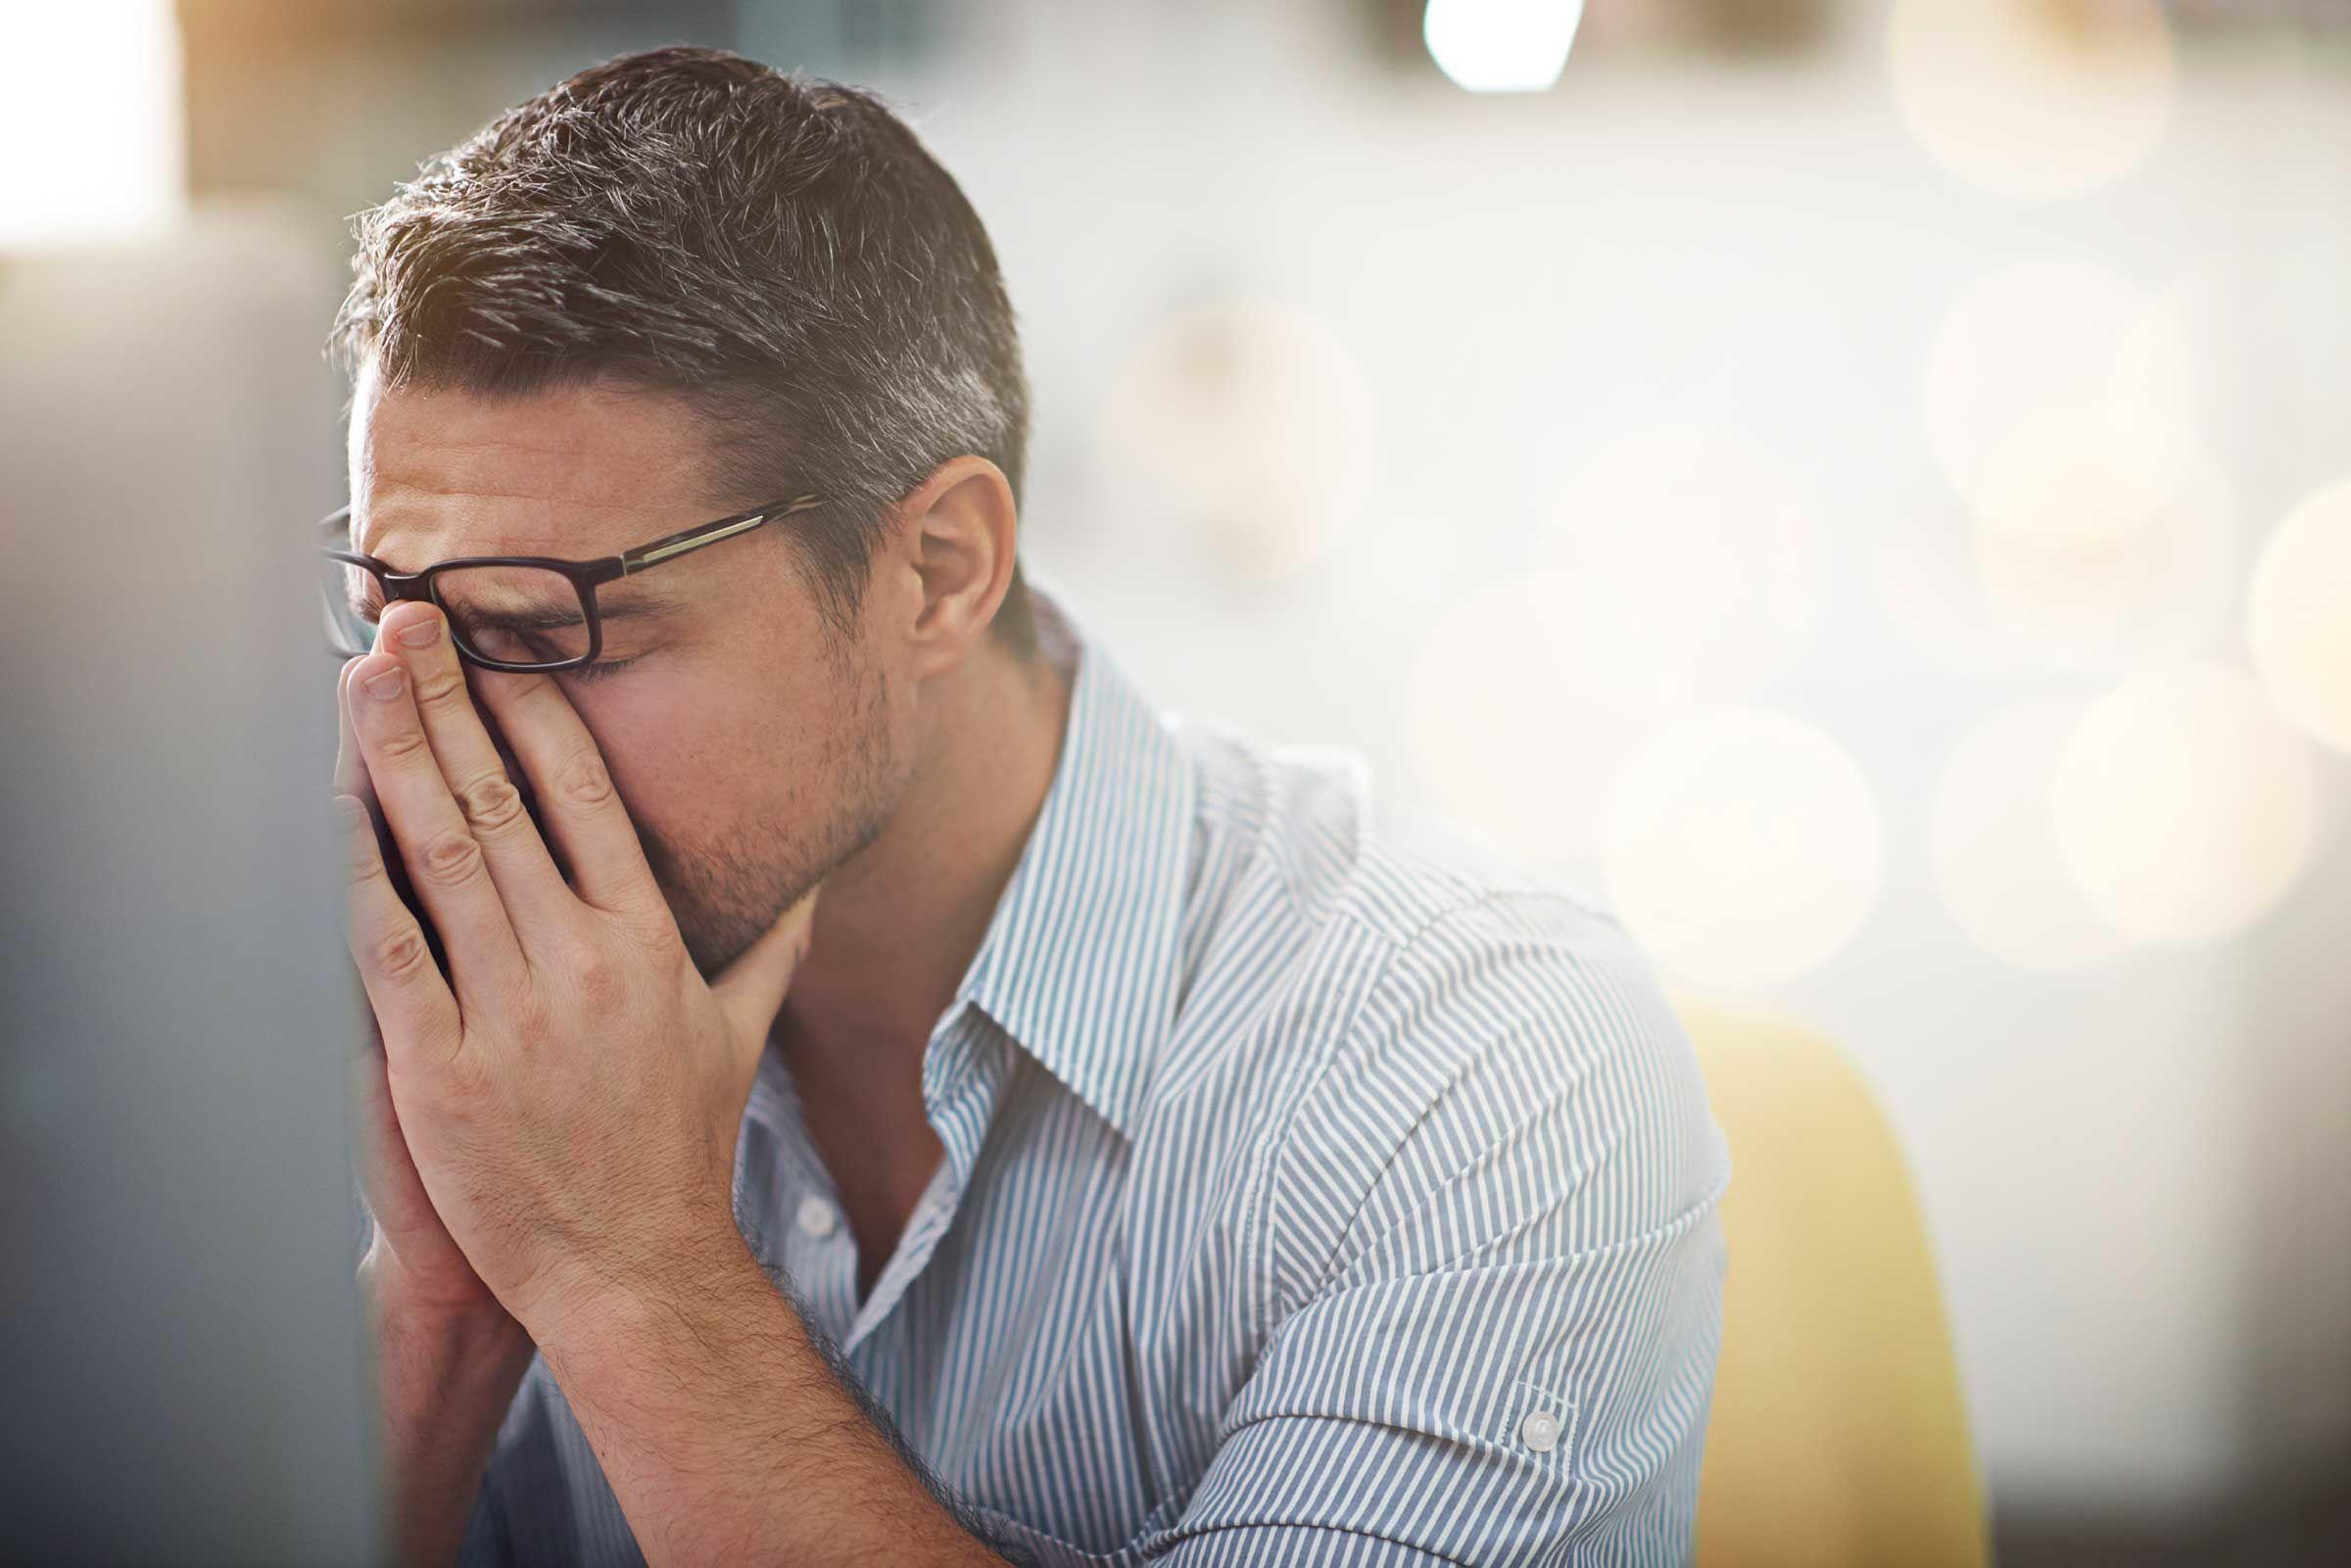 7 Fakta Sains Tentang Ereksi Spontan yang Bikin Malu di Tempat Umum